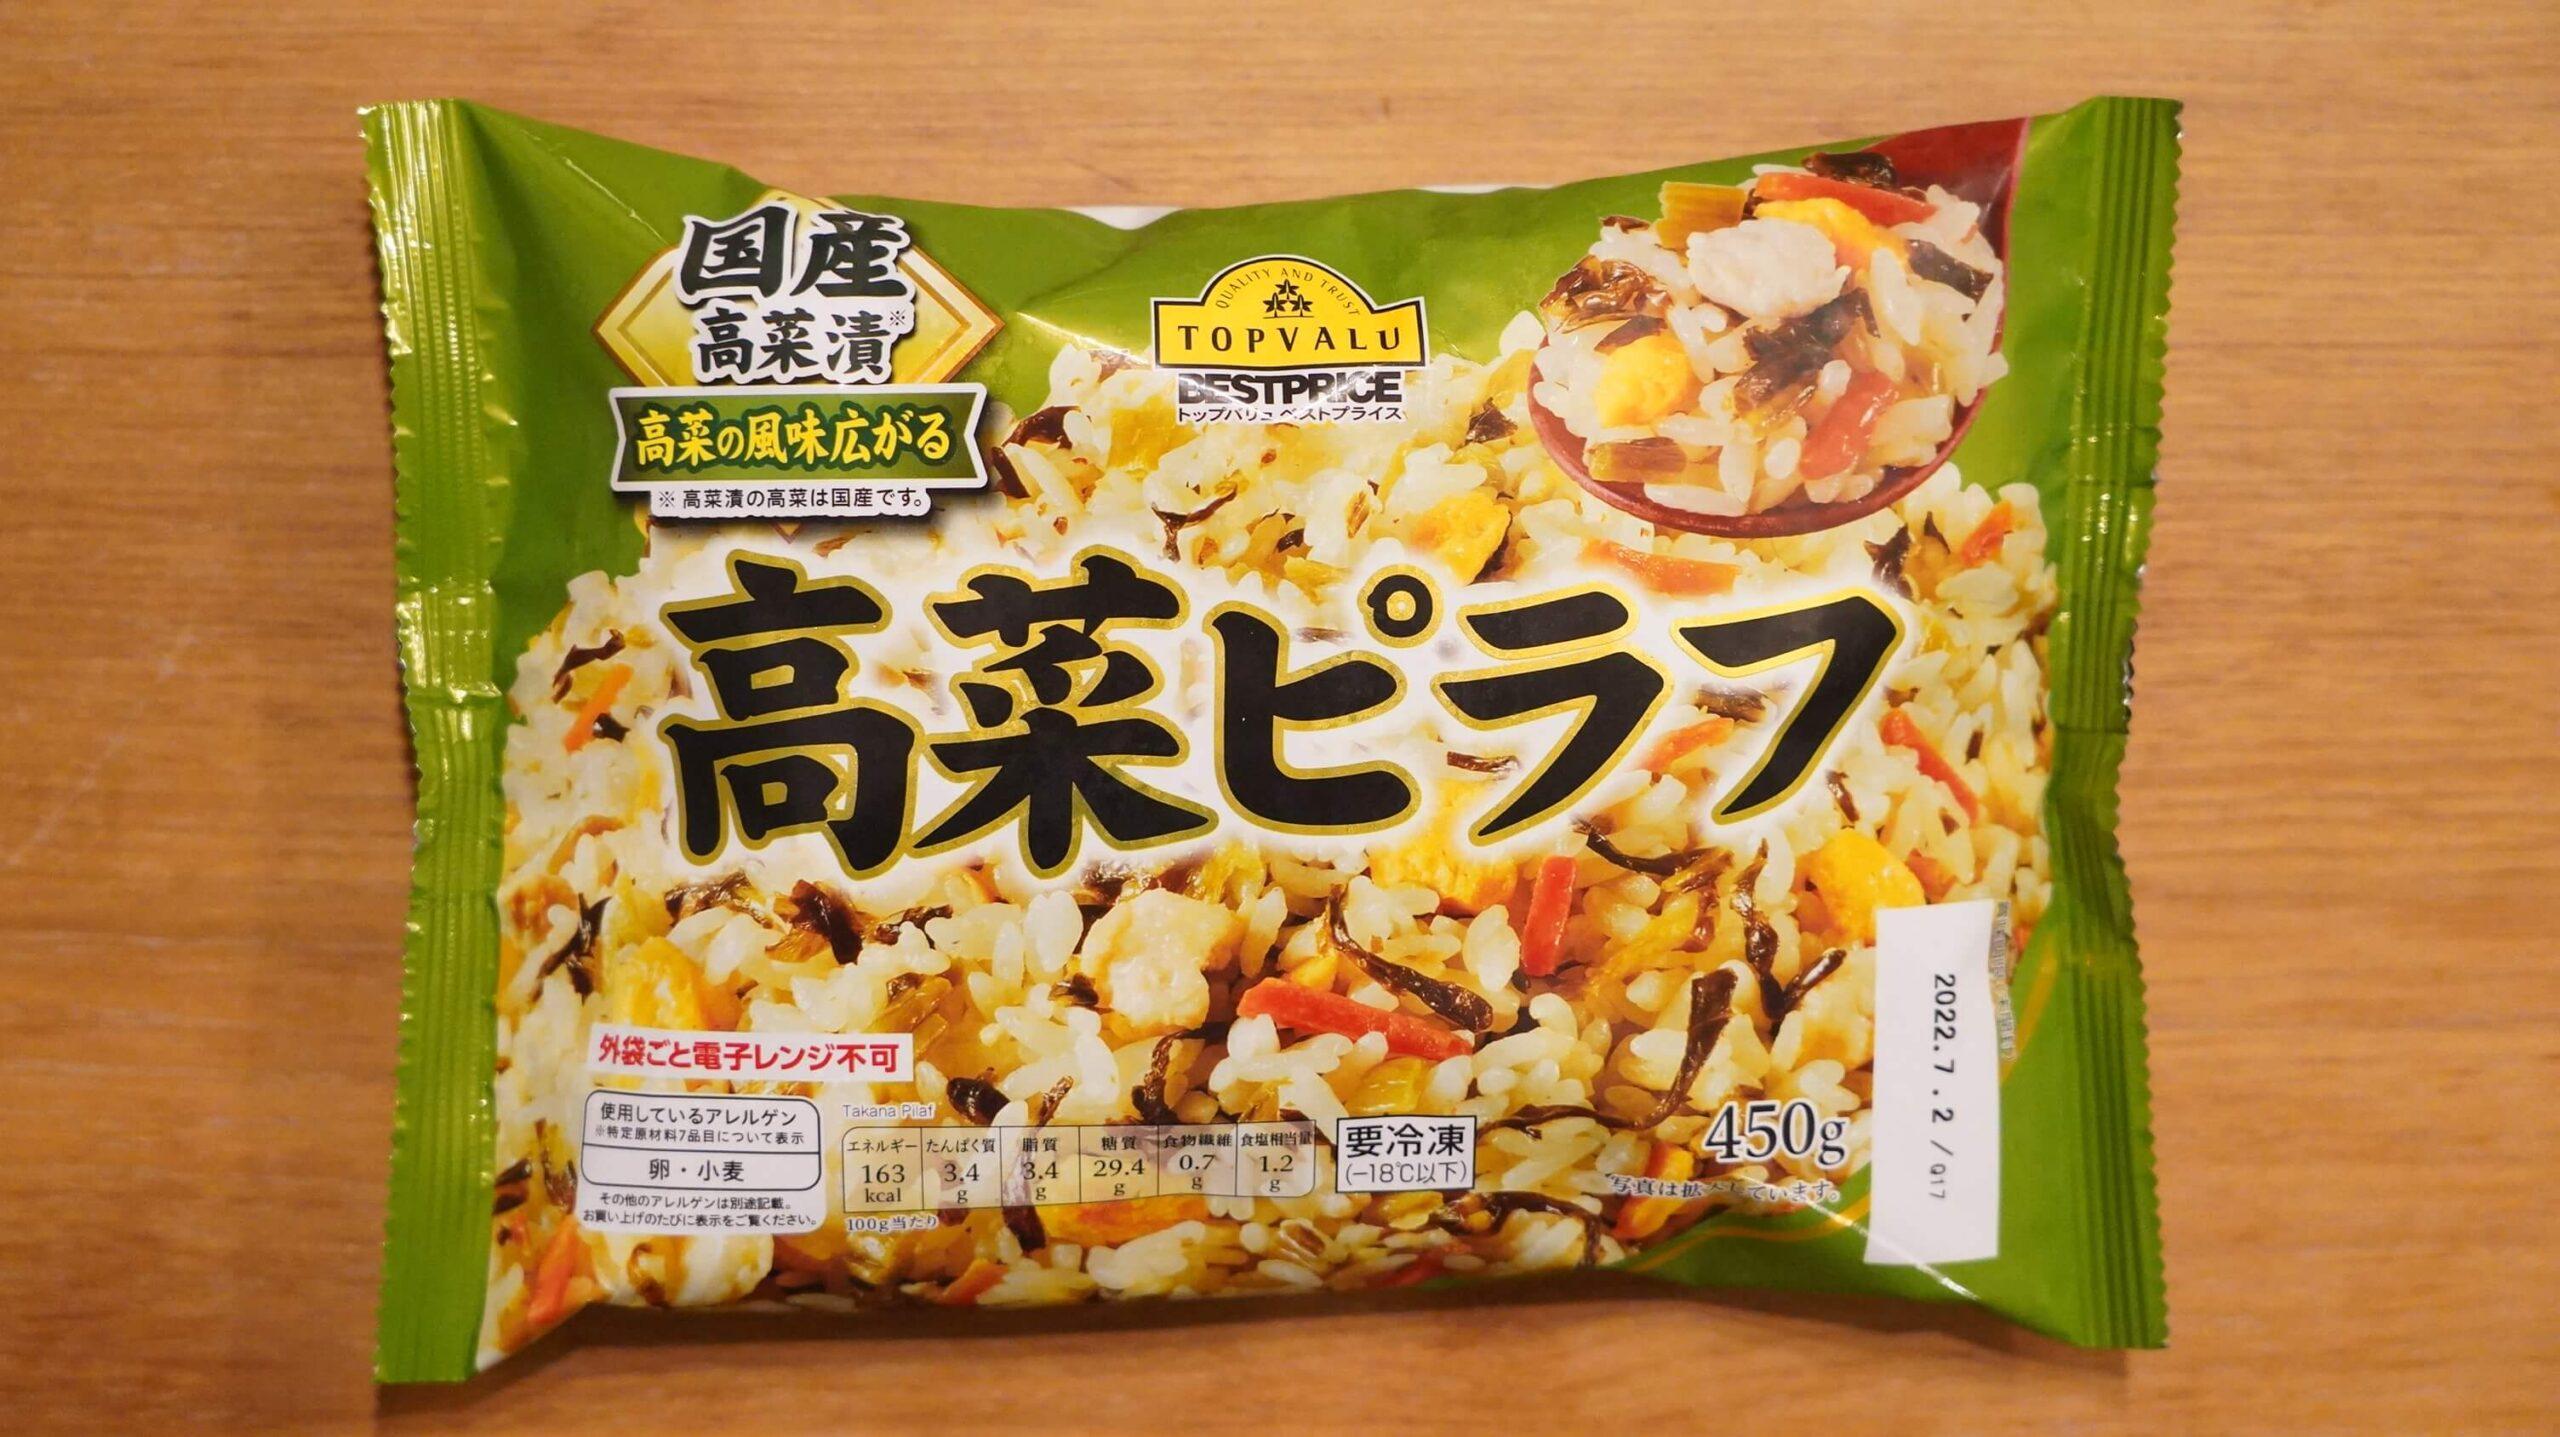 イオン(トップバリュ)の冷凍食品「高菜ピラフ」のパッケージ写真